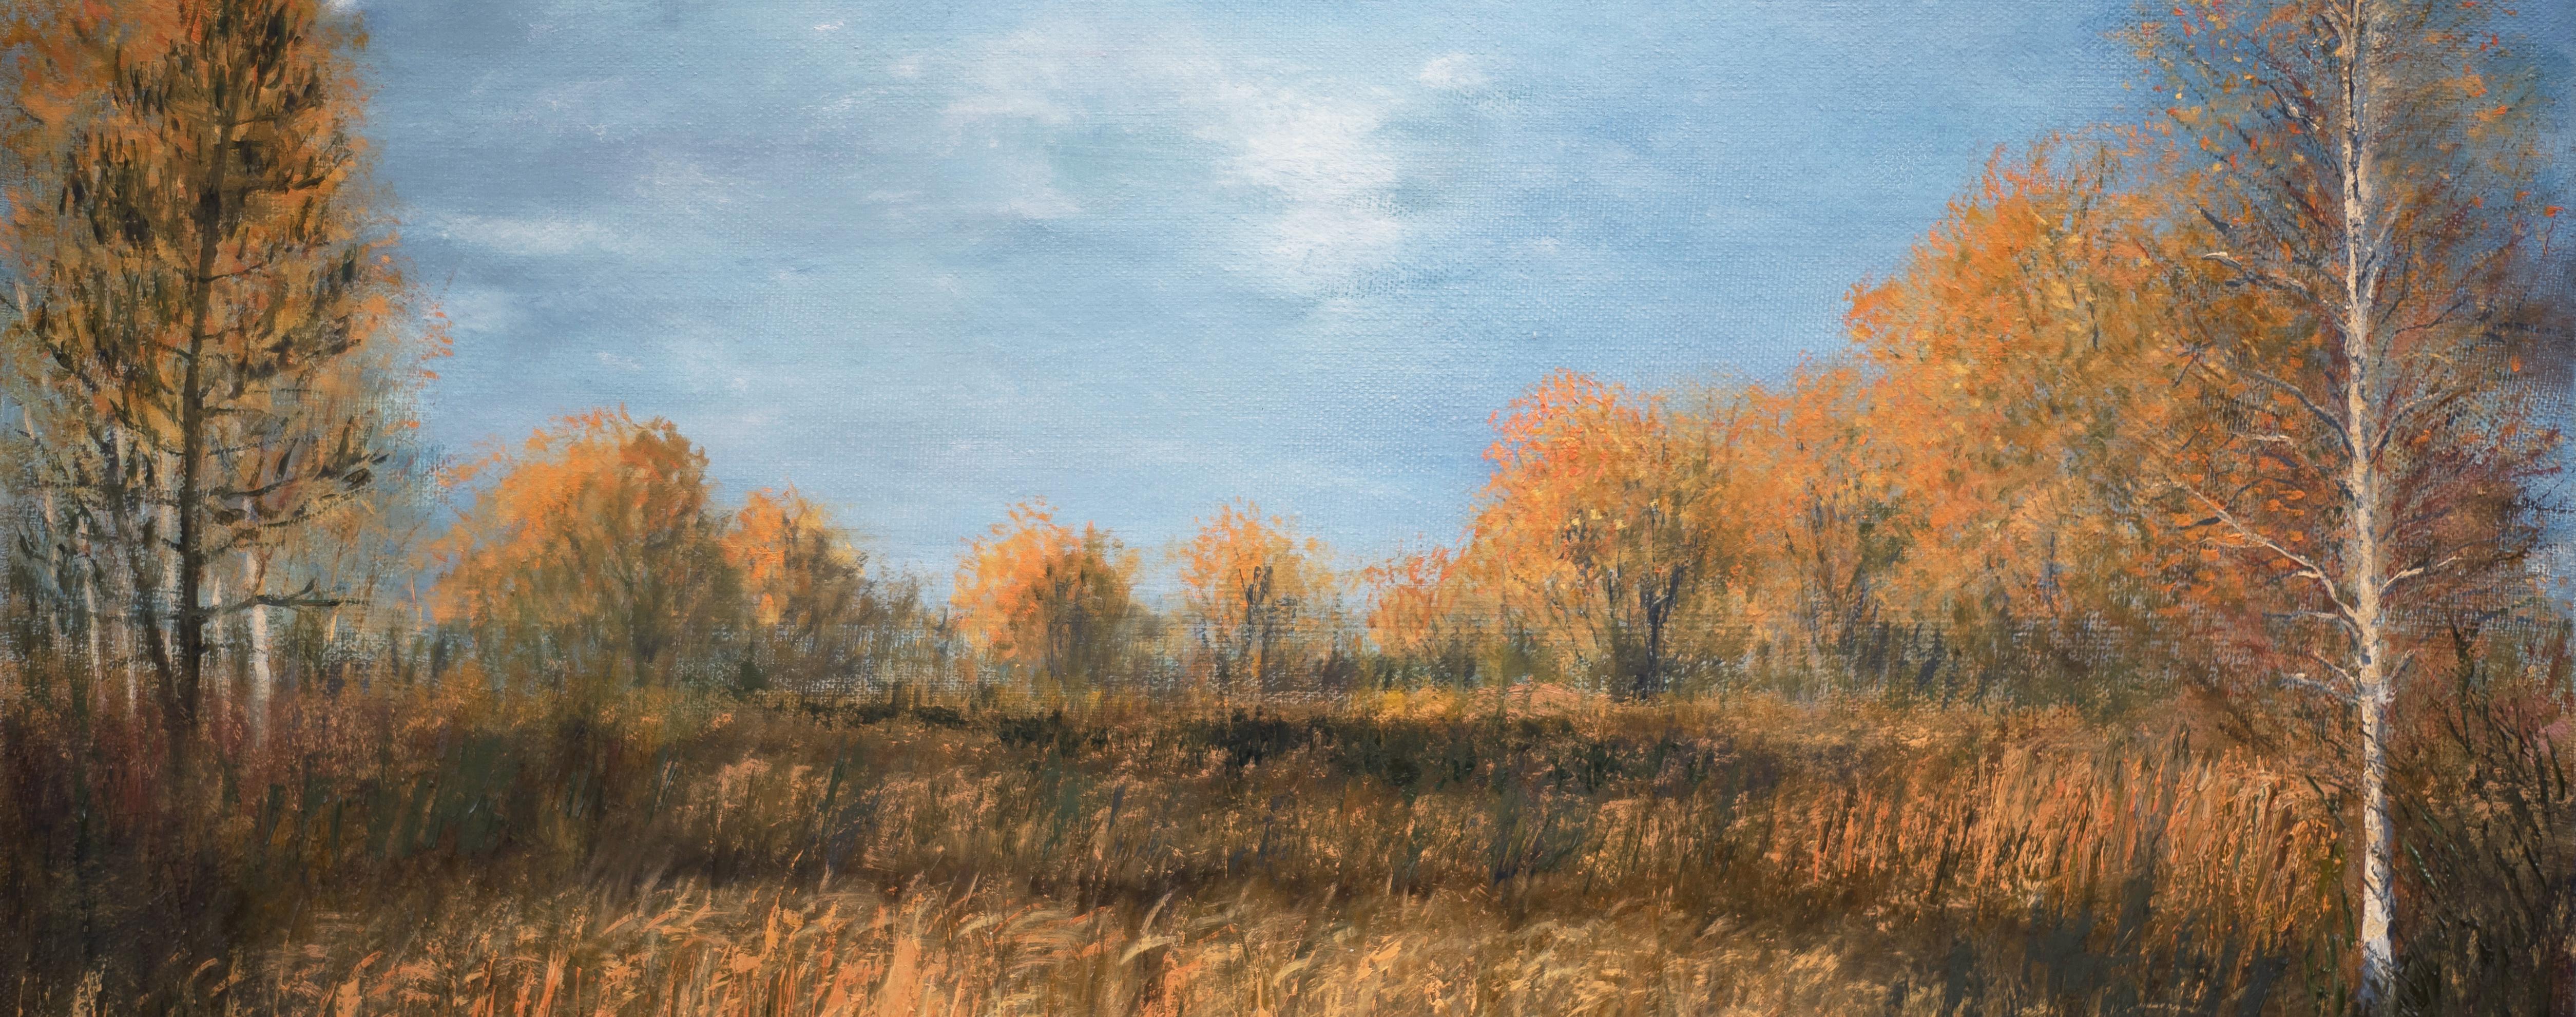 Пейзажи природы художник Альберт Сафиуллин картина масло